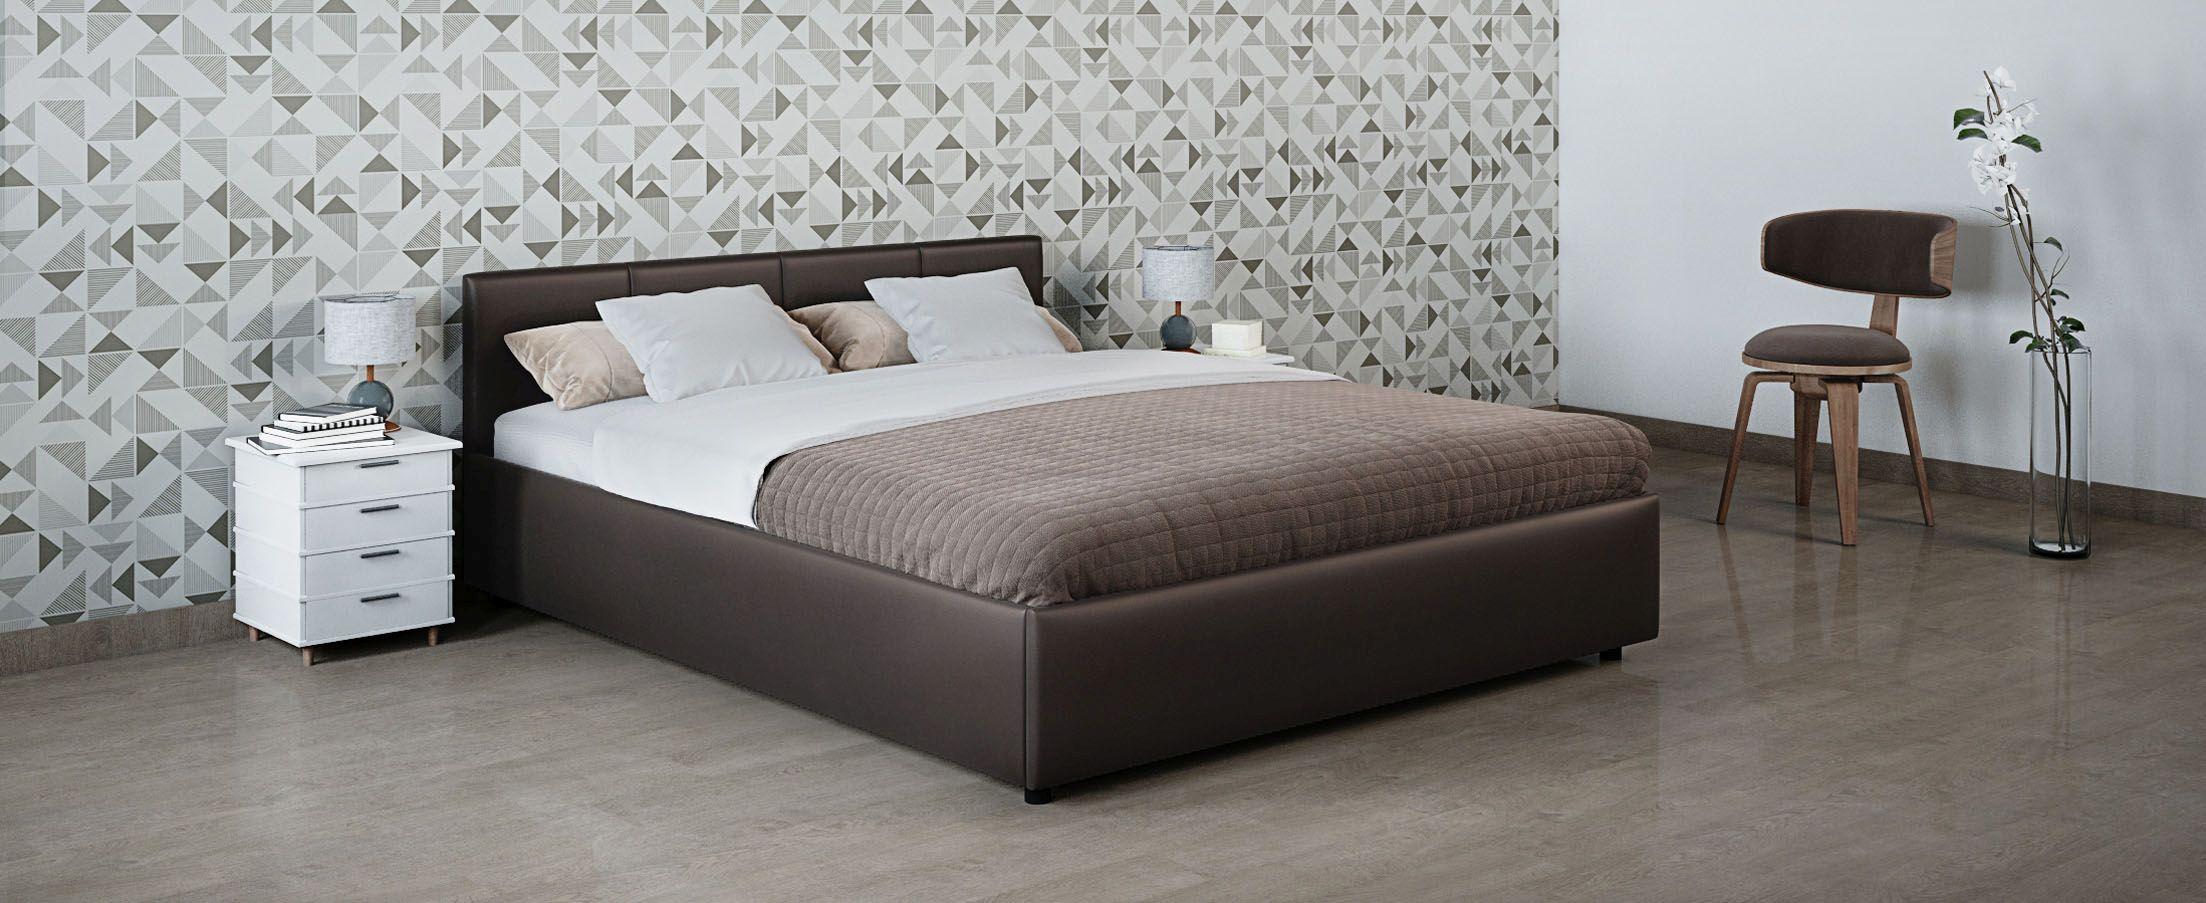 Кровать двуспальная Прима 140х200 Модель 1200Кровать Прима -  элегантное и практичное решение по доступной цене.  Продуманный до мелочей дизайн кровати прекрасно подойдет для любого интерьера.<br>